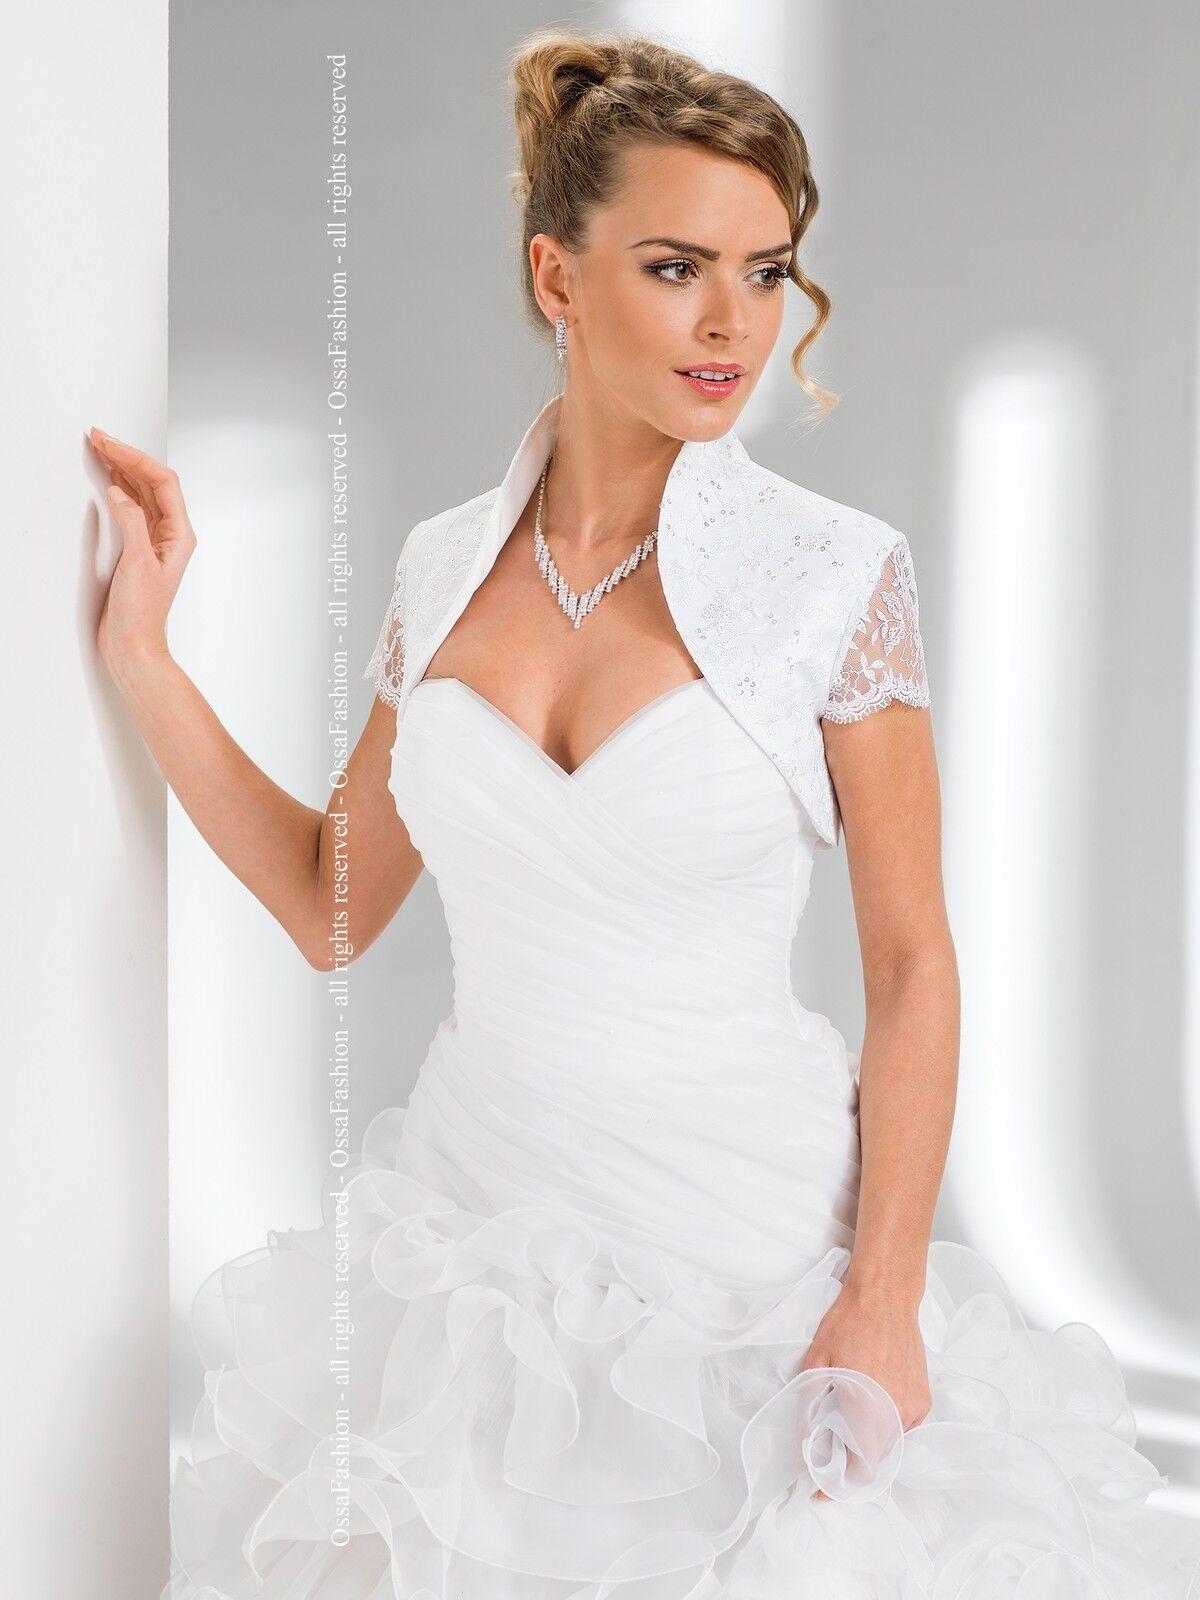 New Women Wedding Lace Satin Shrug Bridal Bolero Jacket Coat Short Sleeve